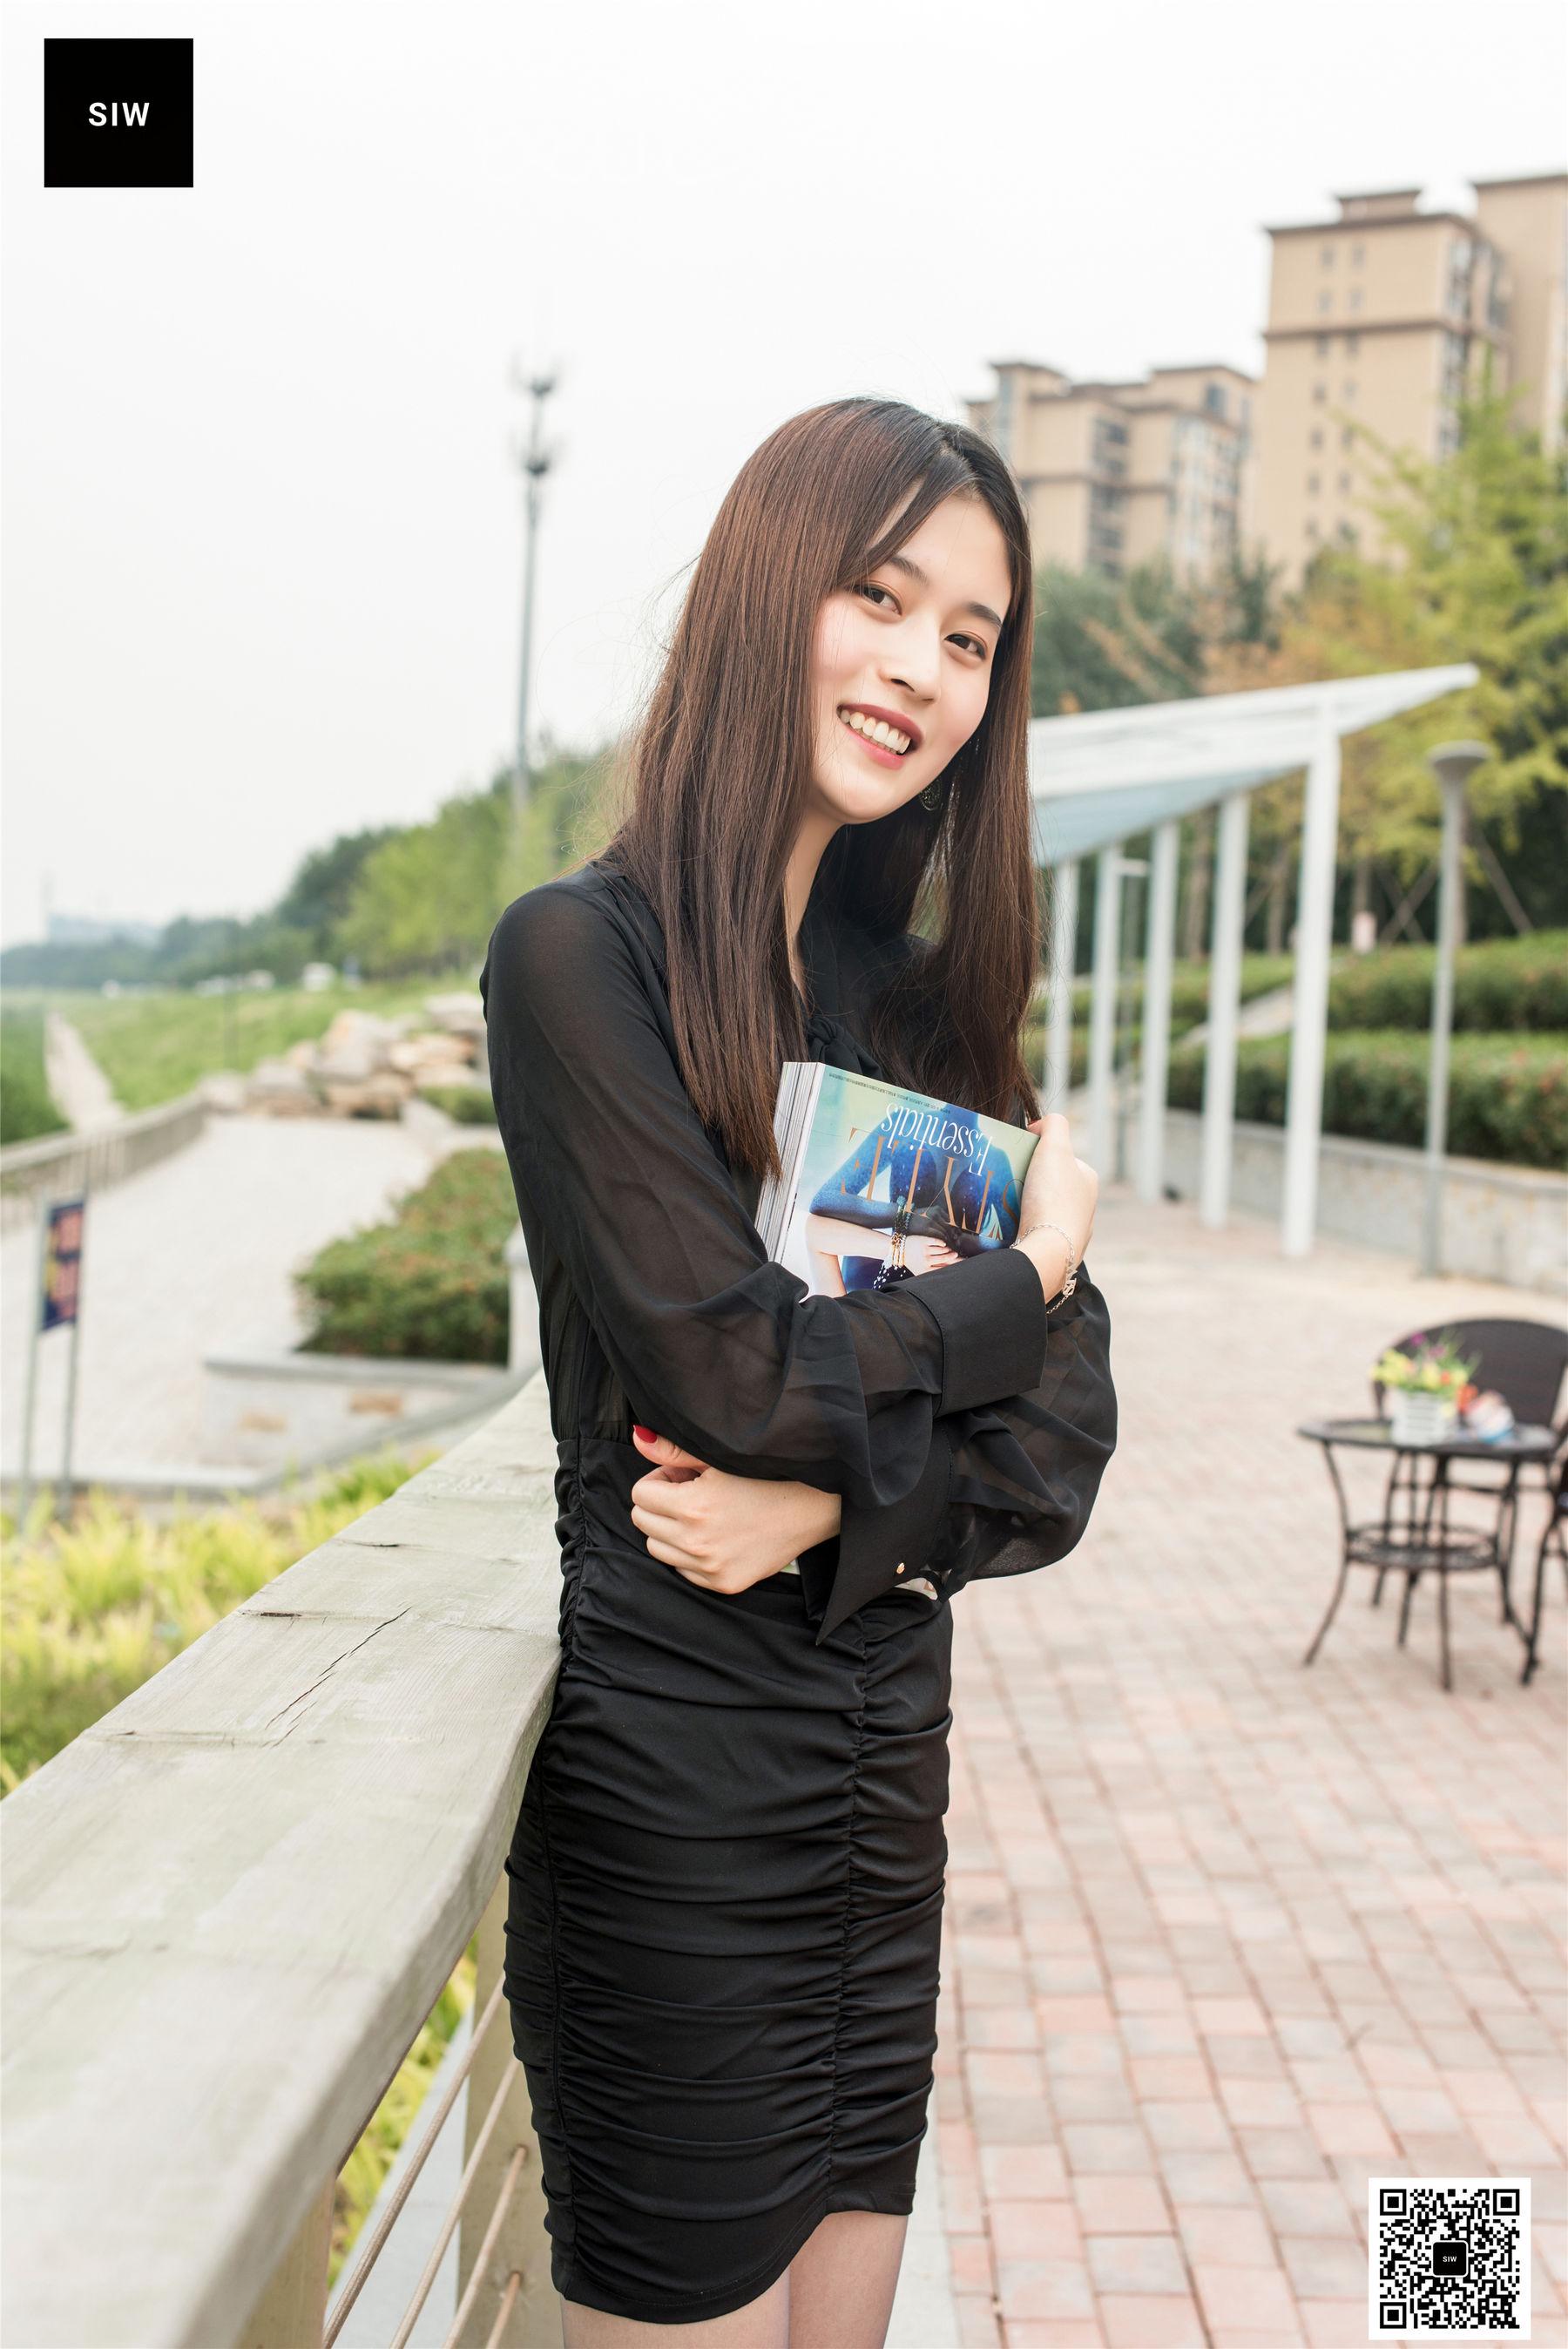 图片[10] - [斯文传媒SIW] 甄珍 《江边女郎》 写真集[60P] - 唯独你没懂